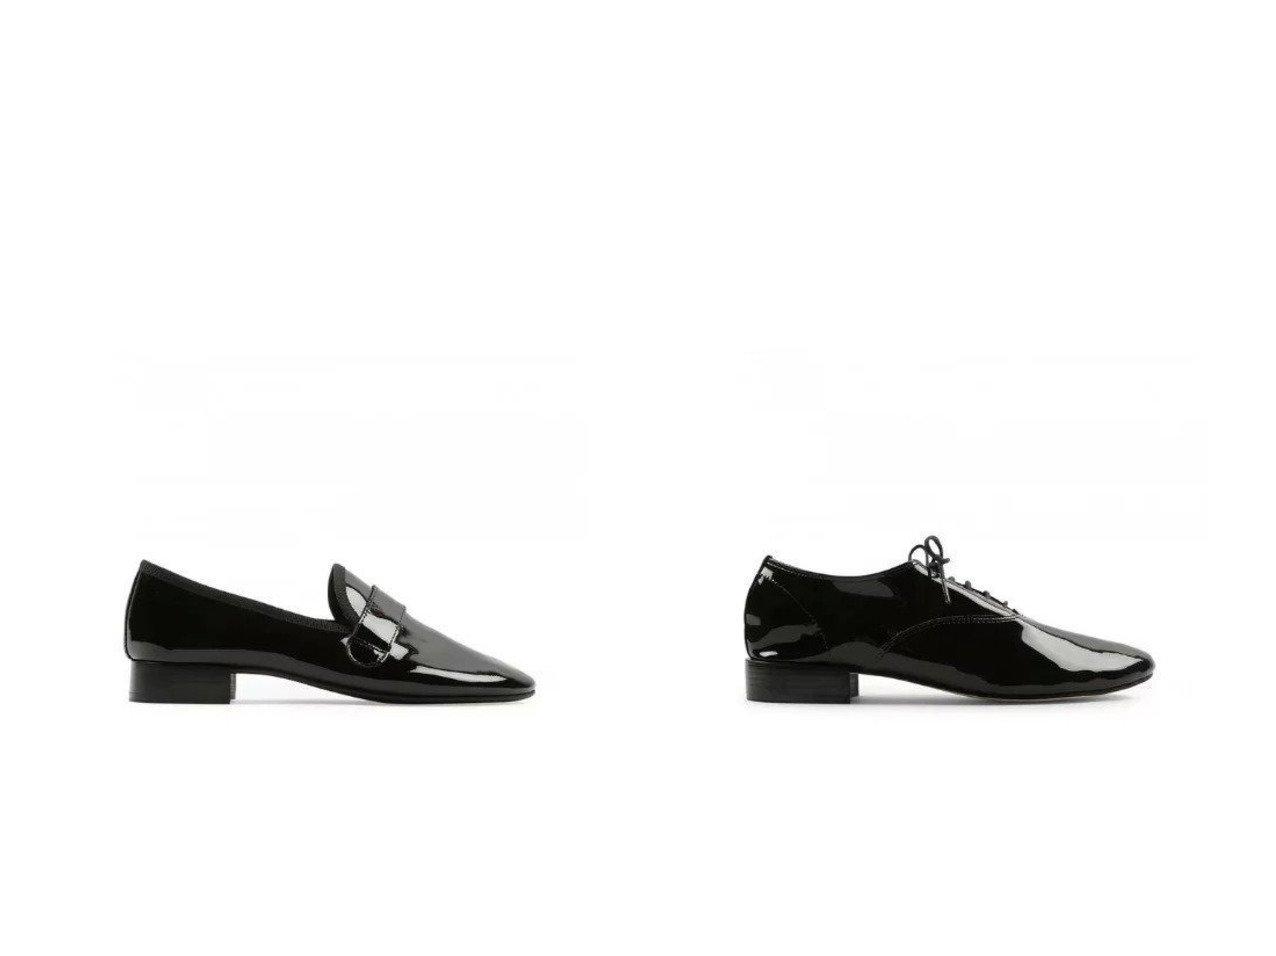 【repetto/レペット】のMaestro Loafers&Zizi Oxford Shoes 【シューズ・靴】おすすめ!人気、トレンド・レディースファッションの通販   おすすめで人気の流行・トレンド、ファッションの通販商品 インテリア・家具・メンズファッション・キッズファッション・レディースファッション・服の通販 founy(ファニー) https://founy.com/ ファッション Fashion レディースファッション WOMEN インソール シューズ フラット スタイリッシュ ベーシック |ID:crp329100000058844